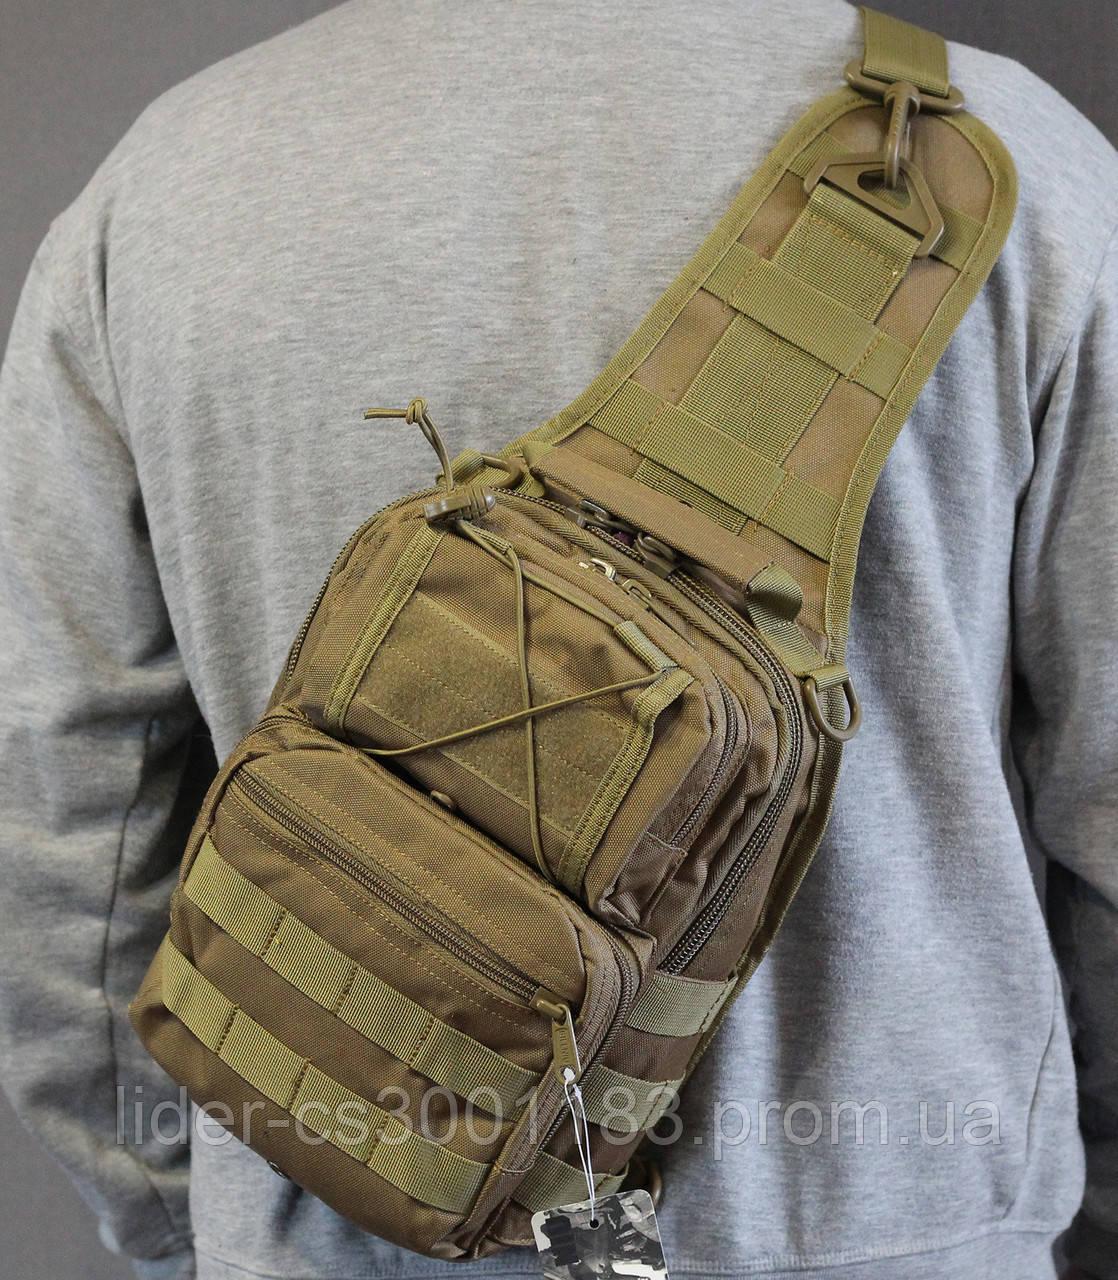 Тактическая - штурмовая универсальная сумка на 6-7 литров с системой M.O.L.L.E Олива (095-olive)